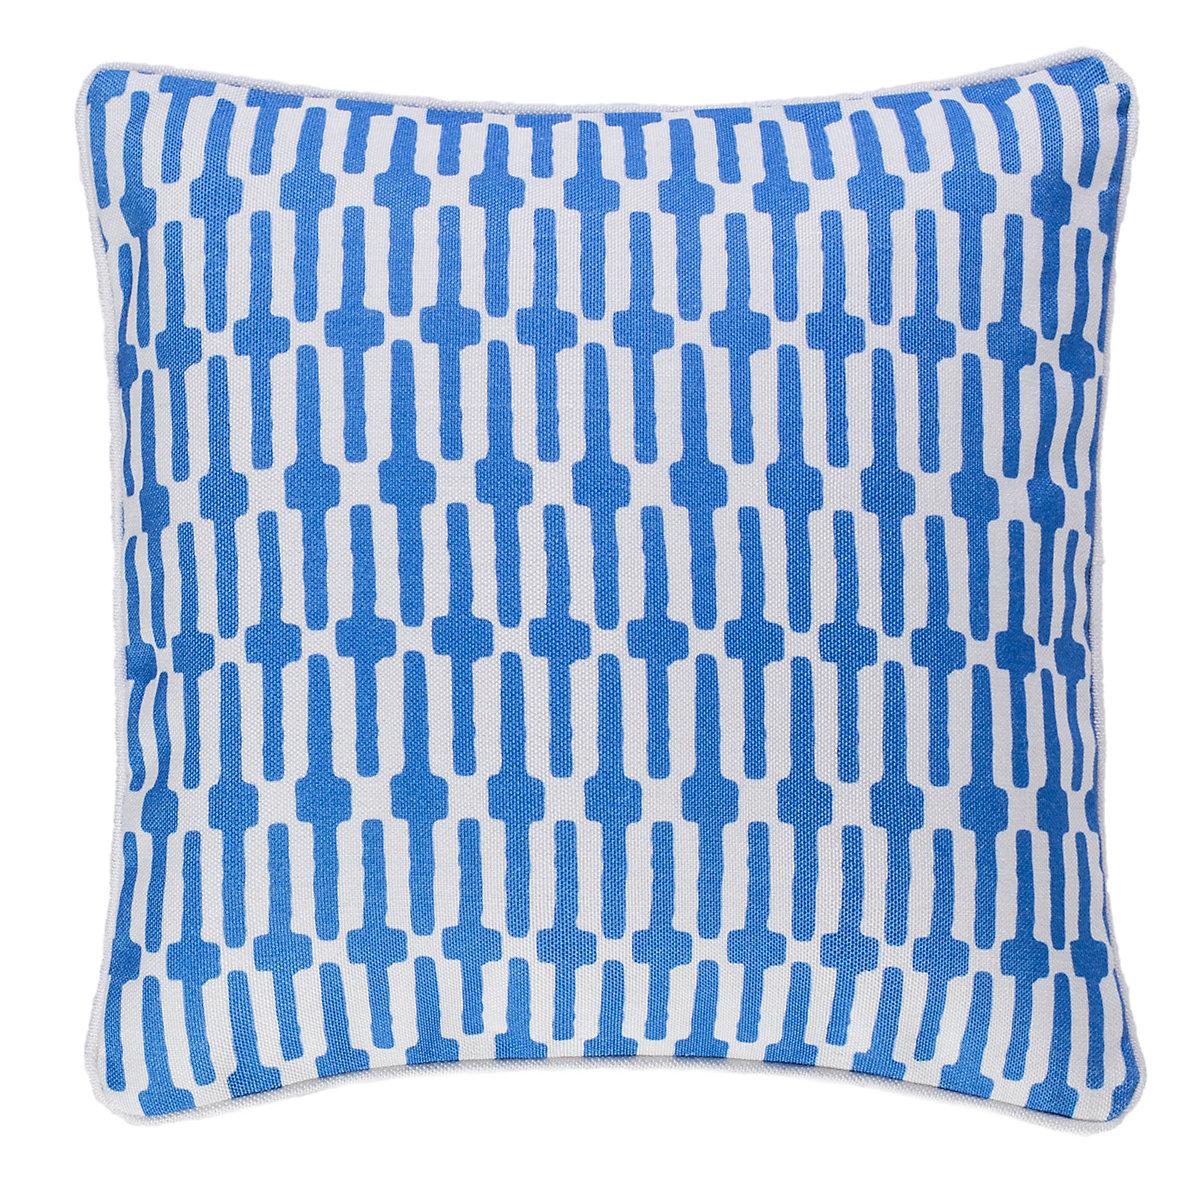 Links Cobalt Indoor/Outdoor Decorative Pillow